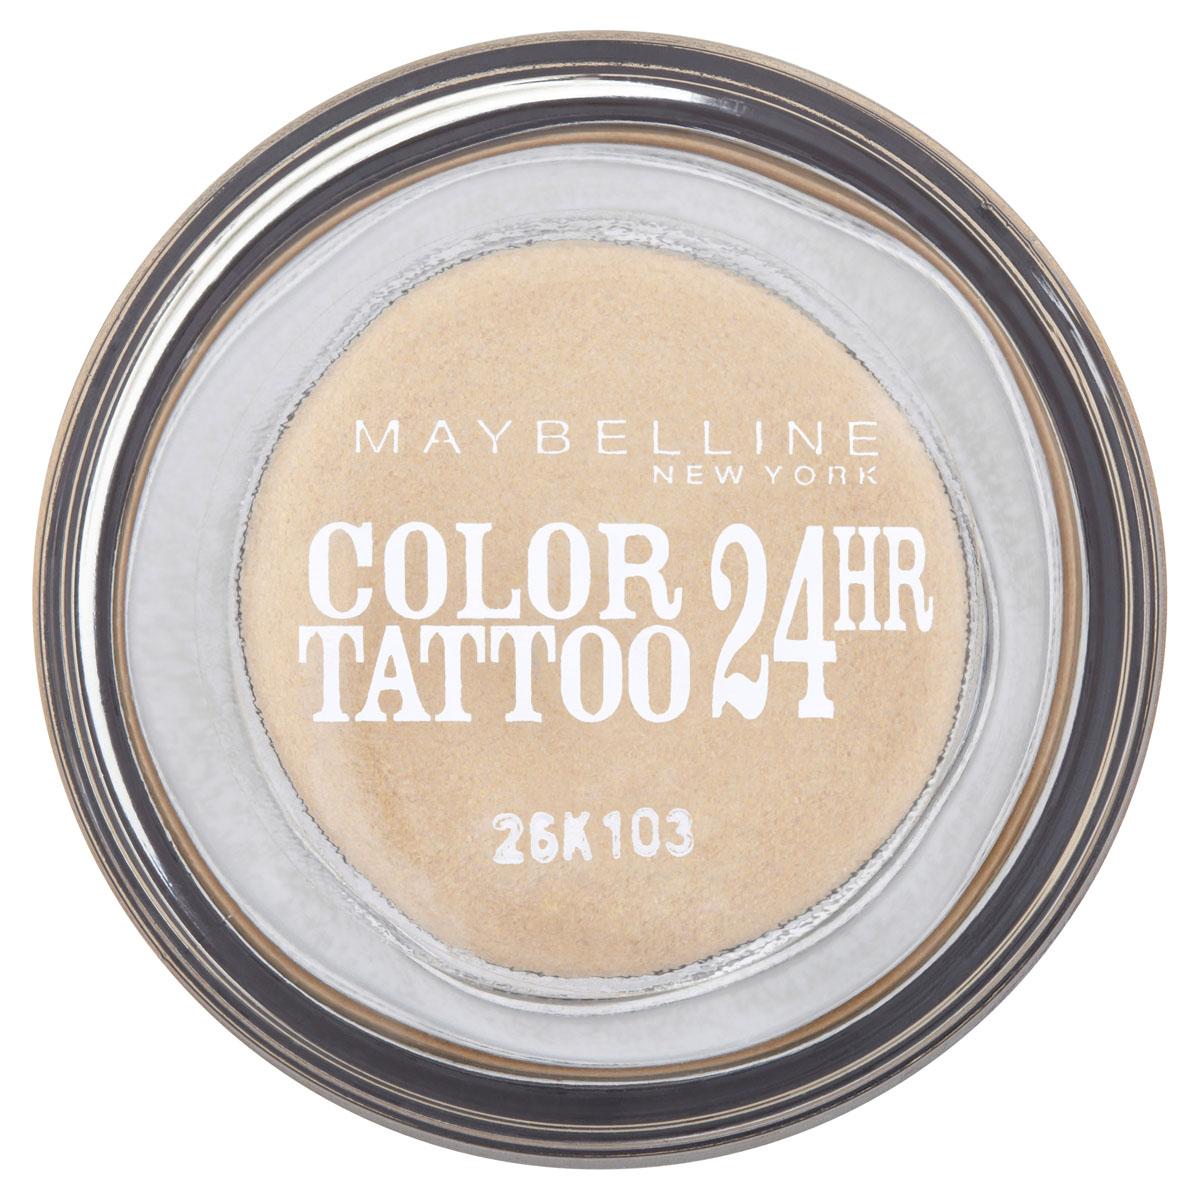 Maybelline New York Тени для век Color Tattoo 24 часа, оттенок 05, Вечное золото, 4 млSatin Hair 7 BR730MNОсмелься на ультраяркий, самый стойкий цвет!Супернасыщенные крем-гелевые тени с технологией тату-пигментов.Насыщенные, устойчивые тениMaybelline Color Tattoo 24 часа предназначены для дневного и вечернего макияжа. Тени словно татуировка надежно закрепляются на коже, не боятся влаги, не скатываются и не размазываются, даже если потереть глаза рукой.Товар сертифицирован.